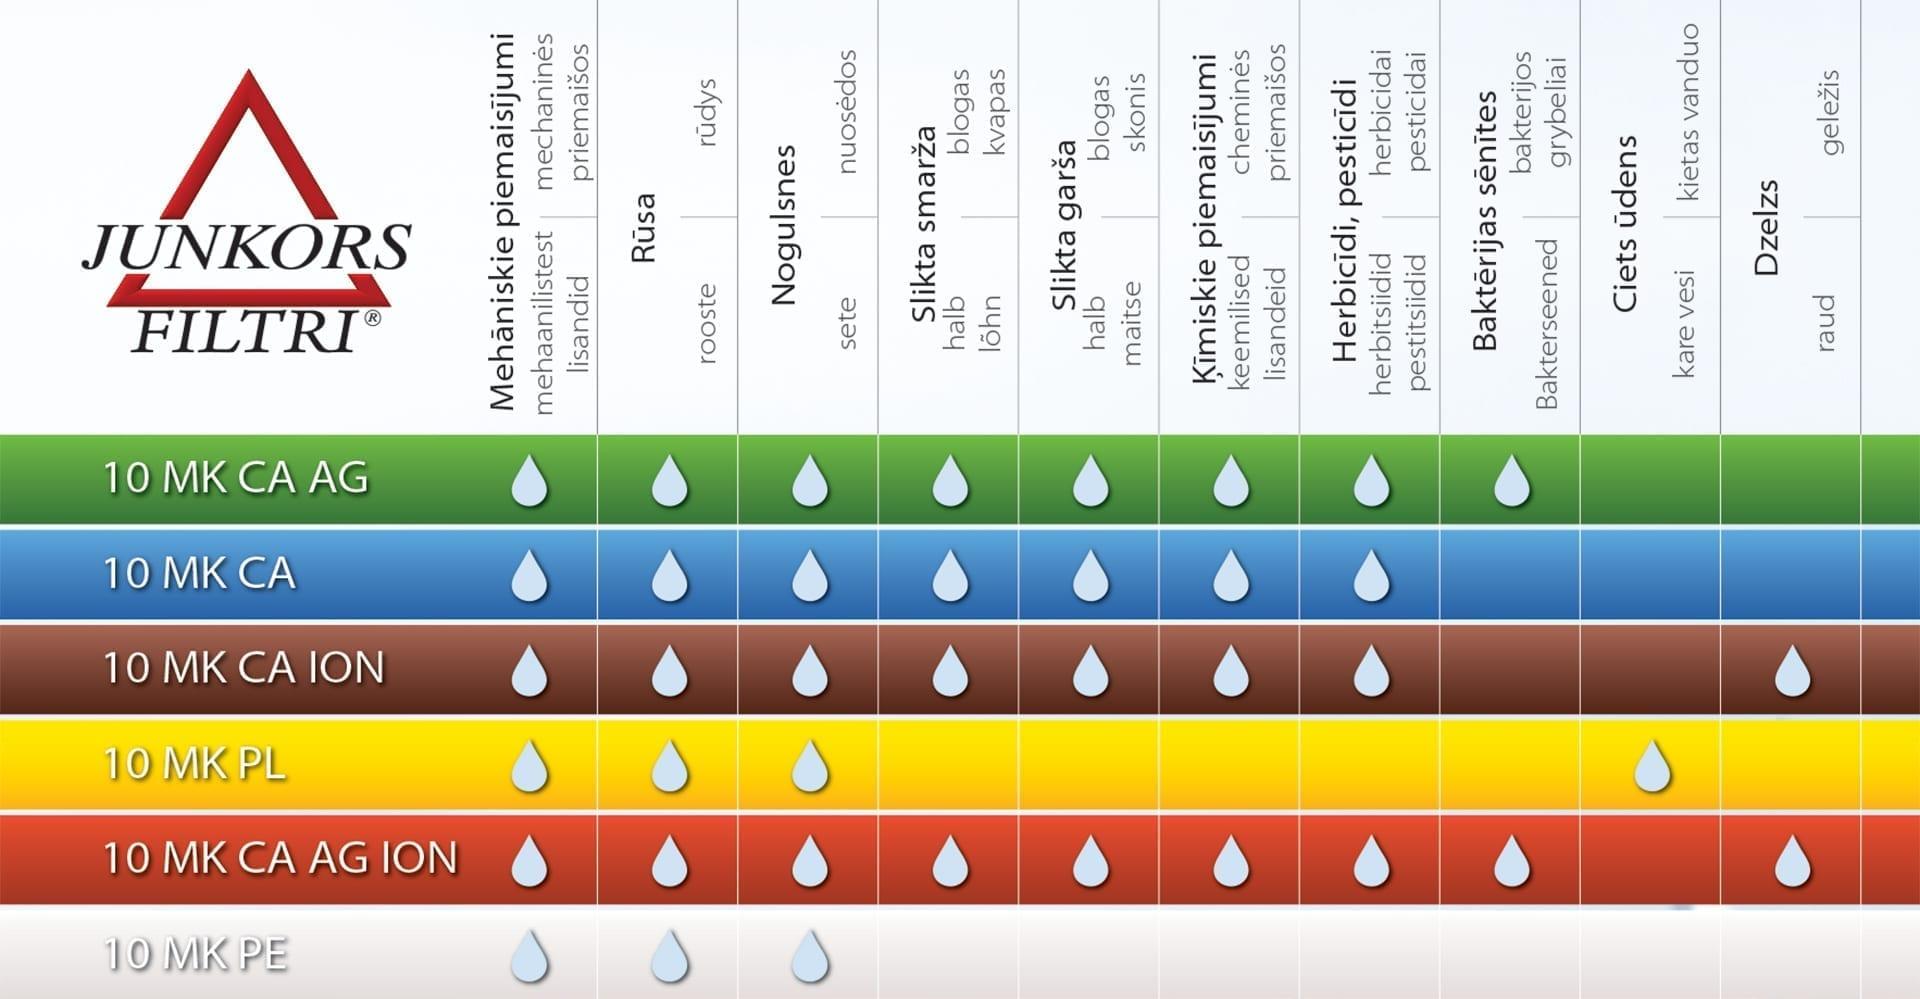 junkors filtri tabula